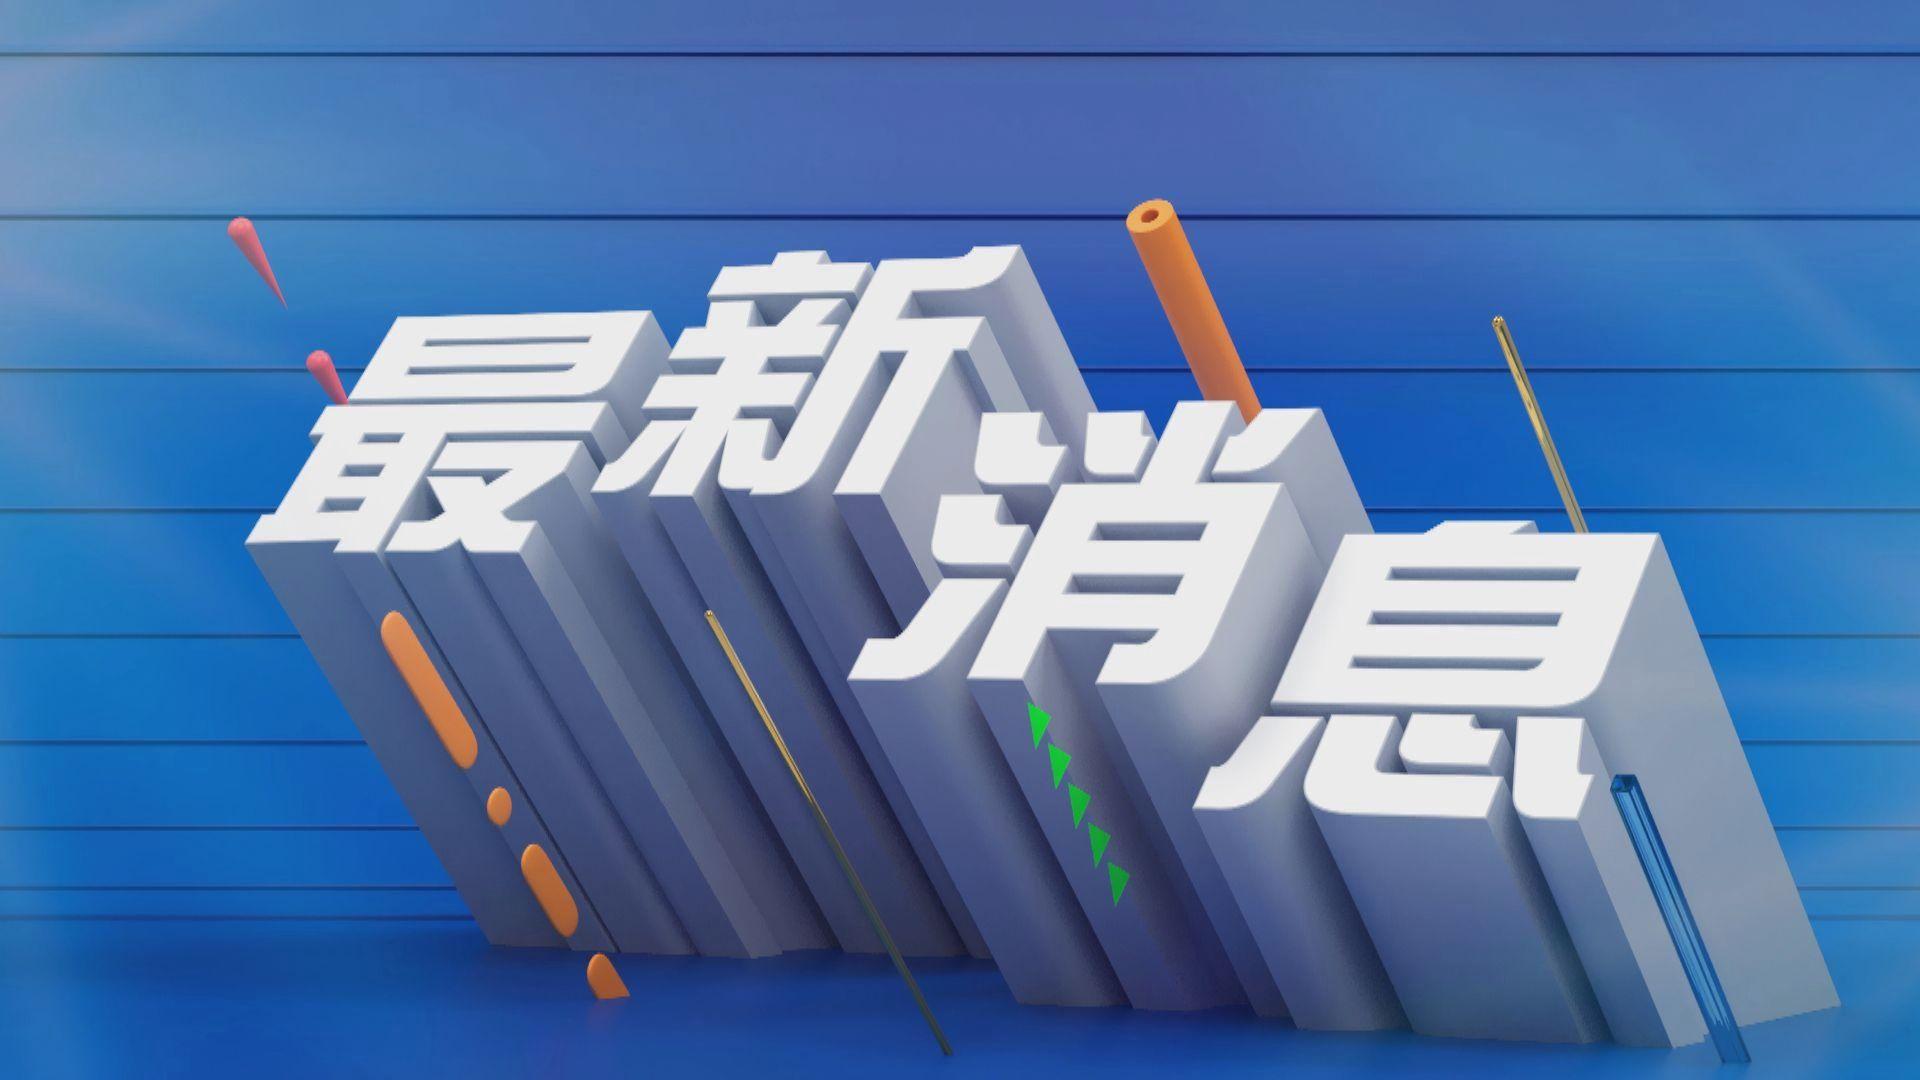 【休息一天】多間銀行暫停營業(10:50)